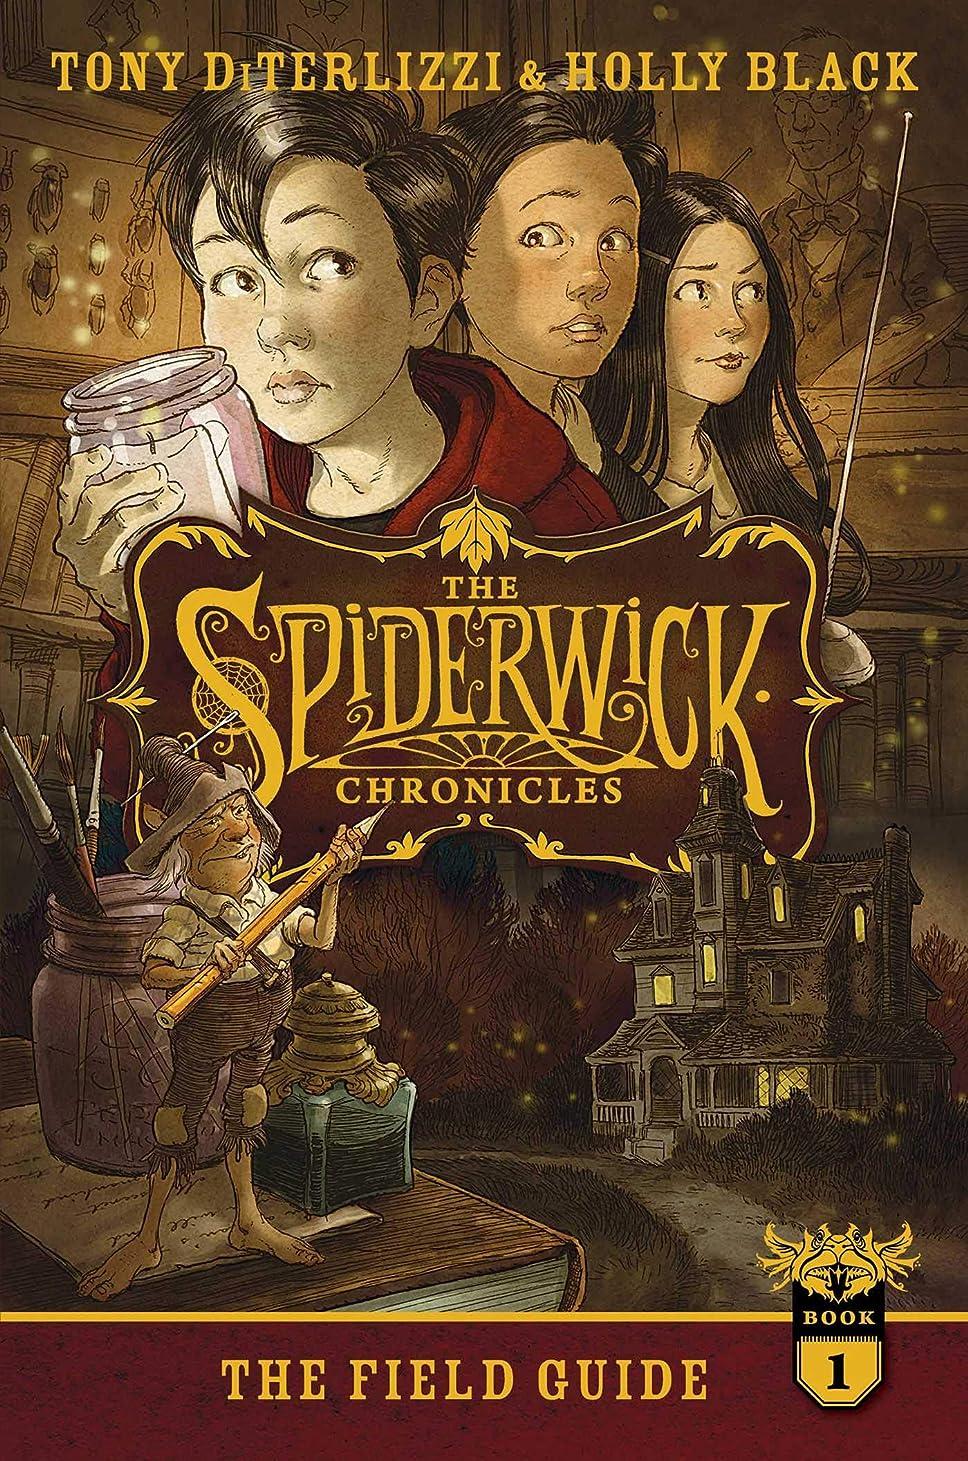 バンド惨めなマーティンルーサーキングジュニアThe Field Guide (The Spiderwick Chronicles Book 1) (English Edition)